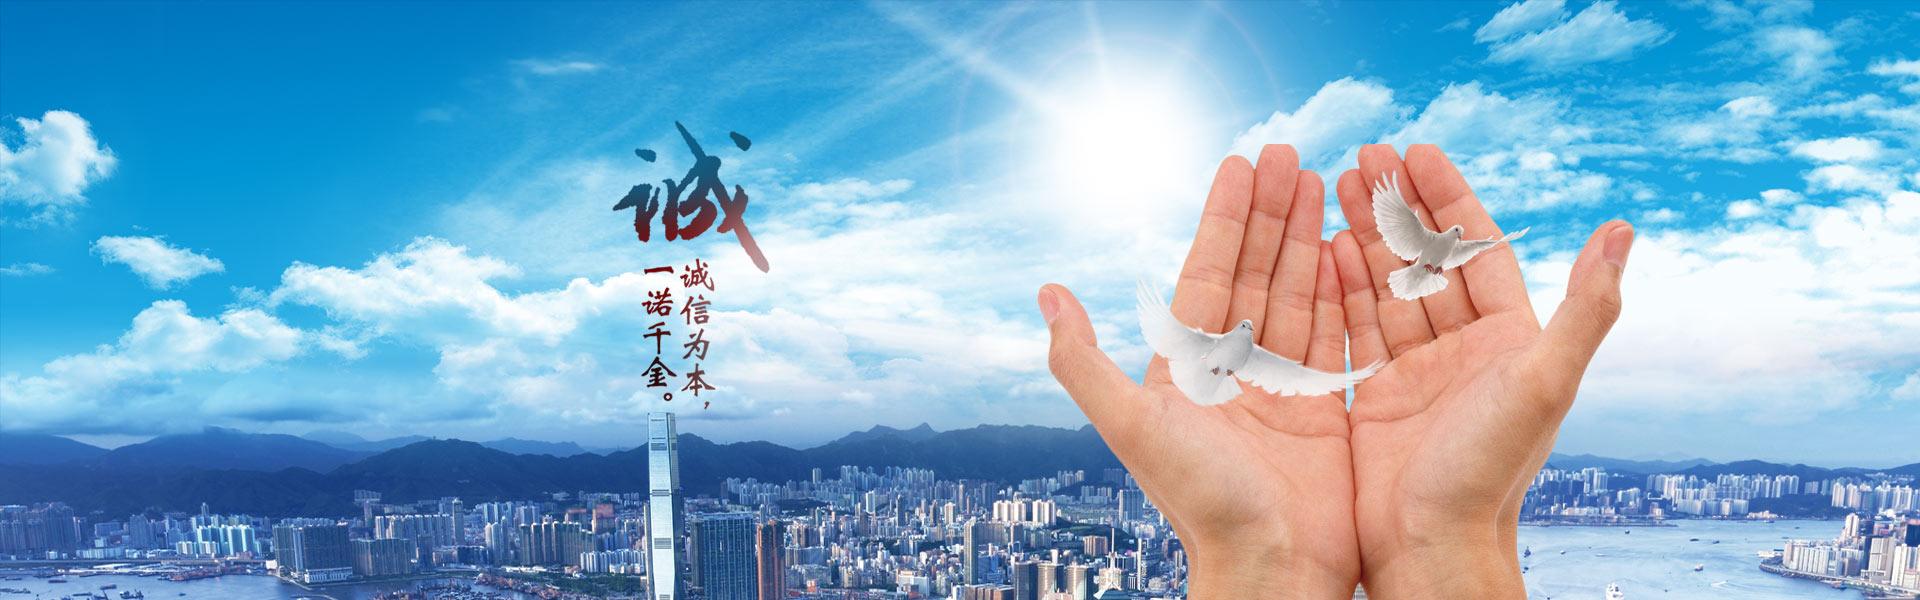 下载ca88亚洲城手机版亚洲城ca888ca88网页版